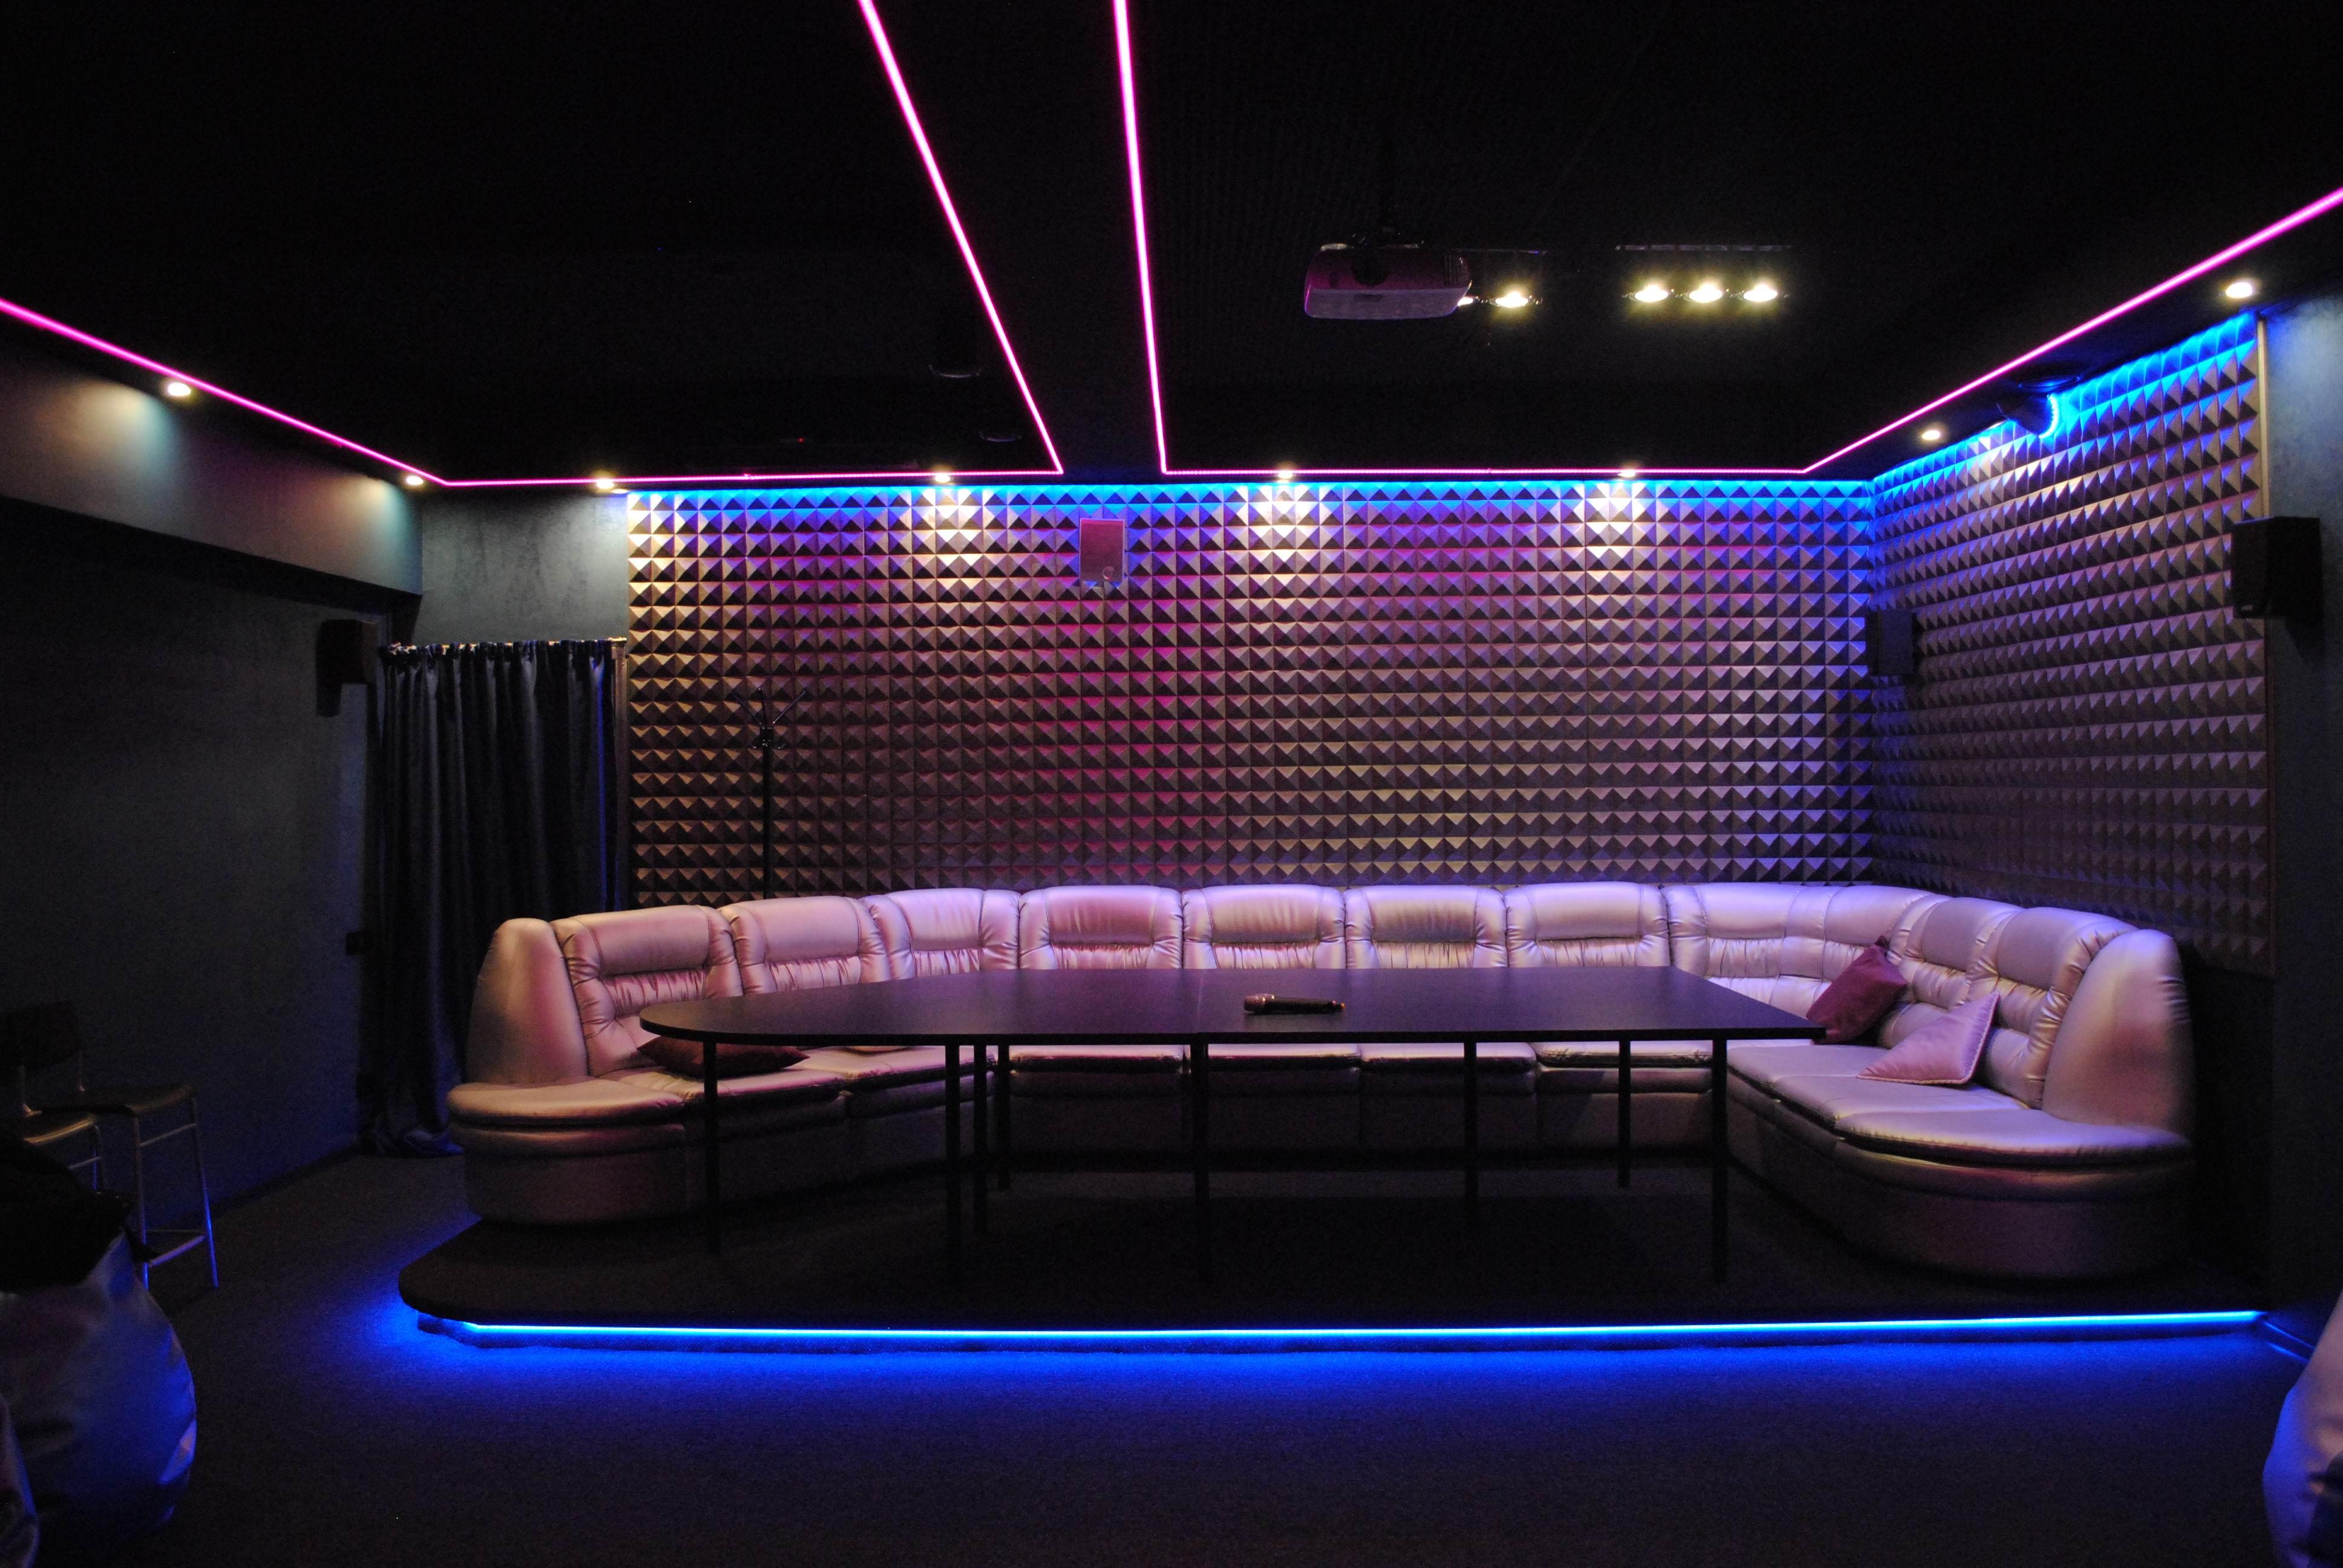 Кино-кафе «Lounge 3D cinema»